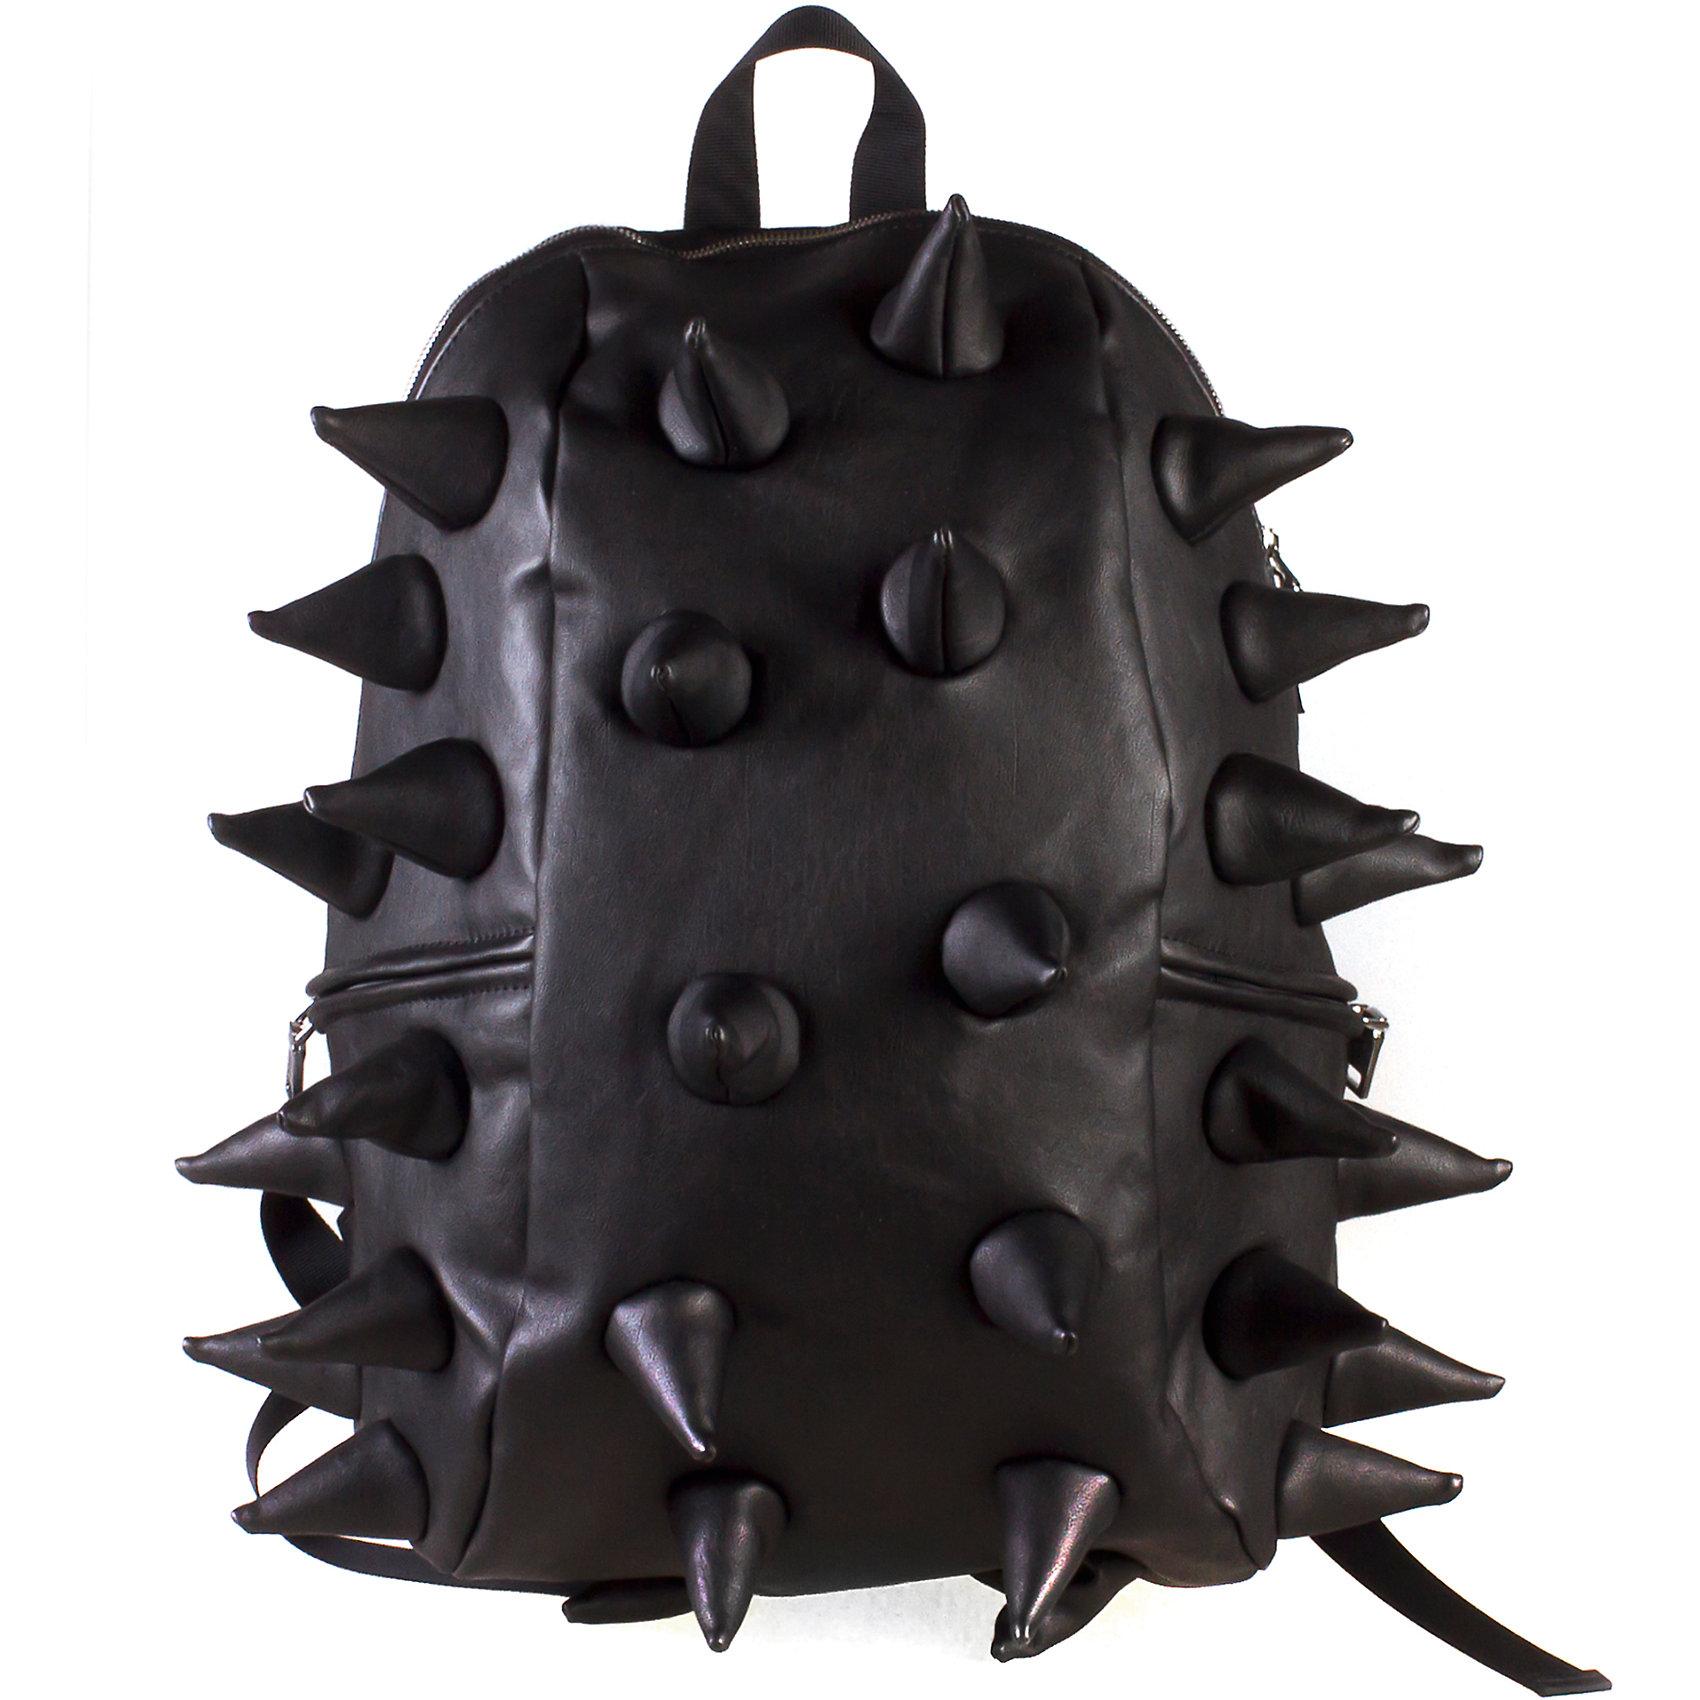 Рюкзак Rex Full Heavy Metal Black, цвет черный, MadPax, СШАРюкзаки<br>Стильный и практичный рюкзак уместный в ритме большого города. Основное отделение закрывается на молнию. Внутри изделия есть отделение для ноутбука с максимальным размером диагонали 17 дюймов. По бокам - два дополнительных кармана на молнии. Модель помимо лямки для переноски в руке, мягких и широких регулируемых бретелей снабжена фиксацией на груди. Полностью вентилируемая и ортопедическая  спинка создаёт дополнительный комфорт Вашей спине.<br><br>Ширина мм: 46<br>Глубина мм: 35<br>Высота мм: 20<br>Вес г: 800<br>Возраст от месяцев: 120<br>Возраст до месяцев: 420<br>Пол: Унисекс<br>Возраст: Детский<br>SKU: 5344334